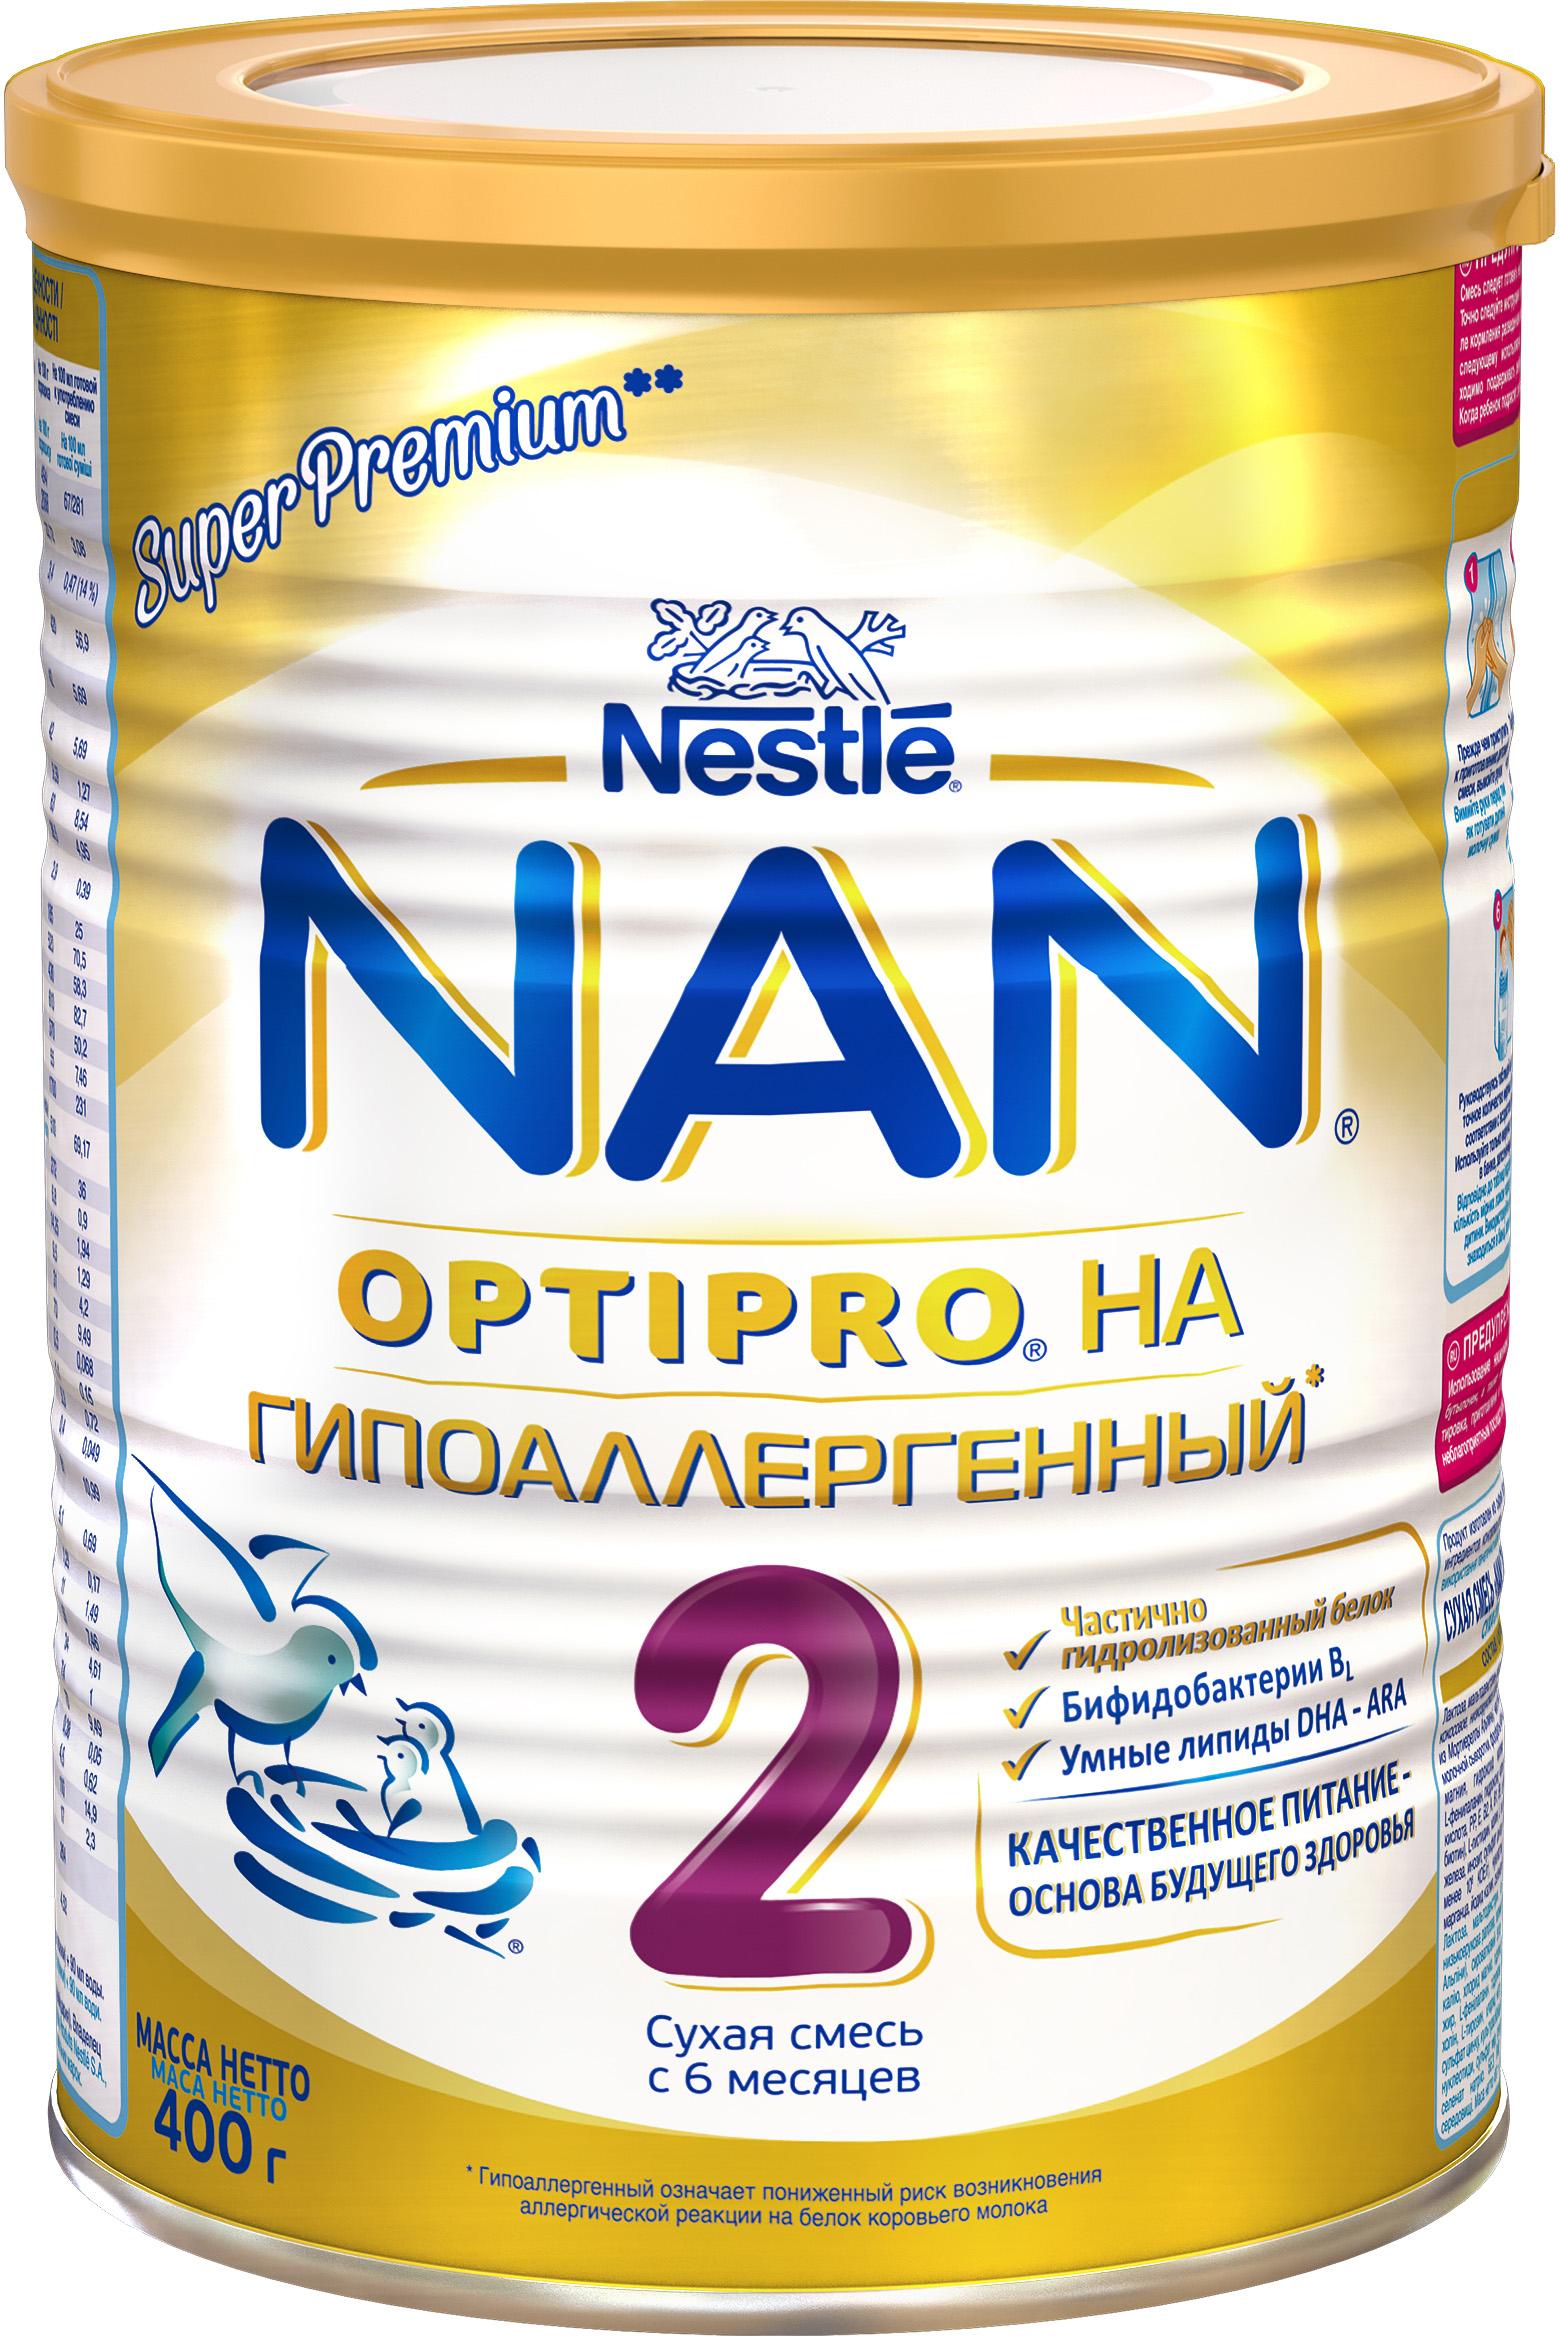 Молочные смеси NAN Смесь NAN гипоаллергенный 2 Optipro HA молочная с 6 мес. 400 г nan 1 optipro смесь молочная с рождения 400 г